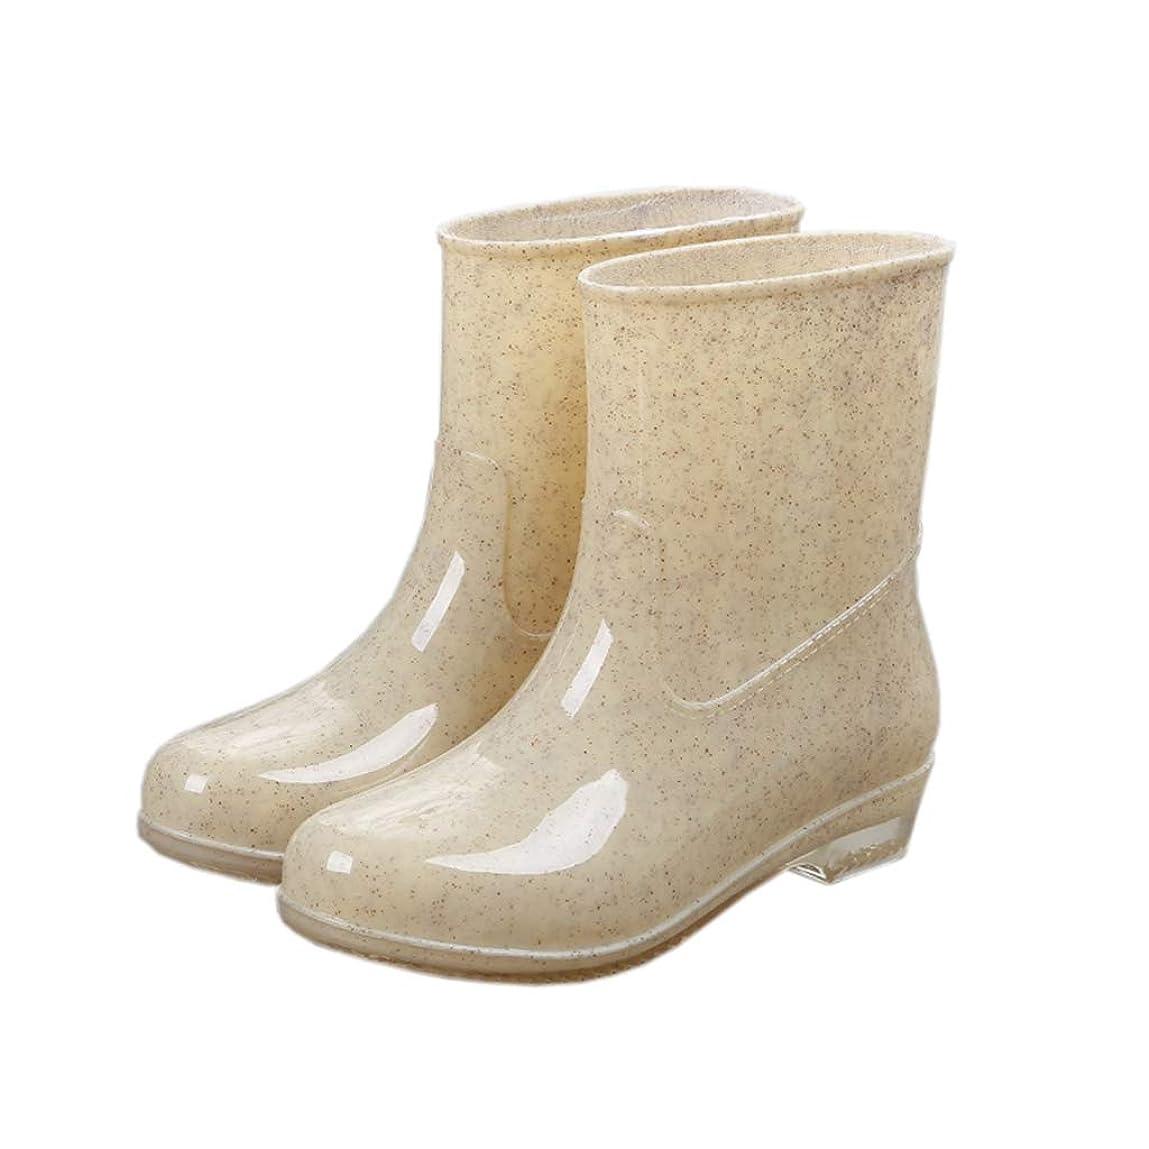 眼下位推測[テンカ]レインブーツ レディース ヒール レインシューズ 長靴 雨靴 おしゃれ 防水 ロング 軽量 防滑 無地 ガールズ かわいい 通勤 通学 梅雨対策 快適 美脚 履きやすい 歩きやすい 可愛い